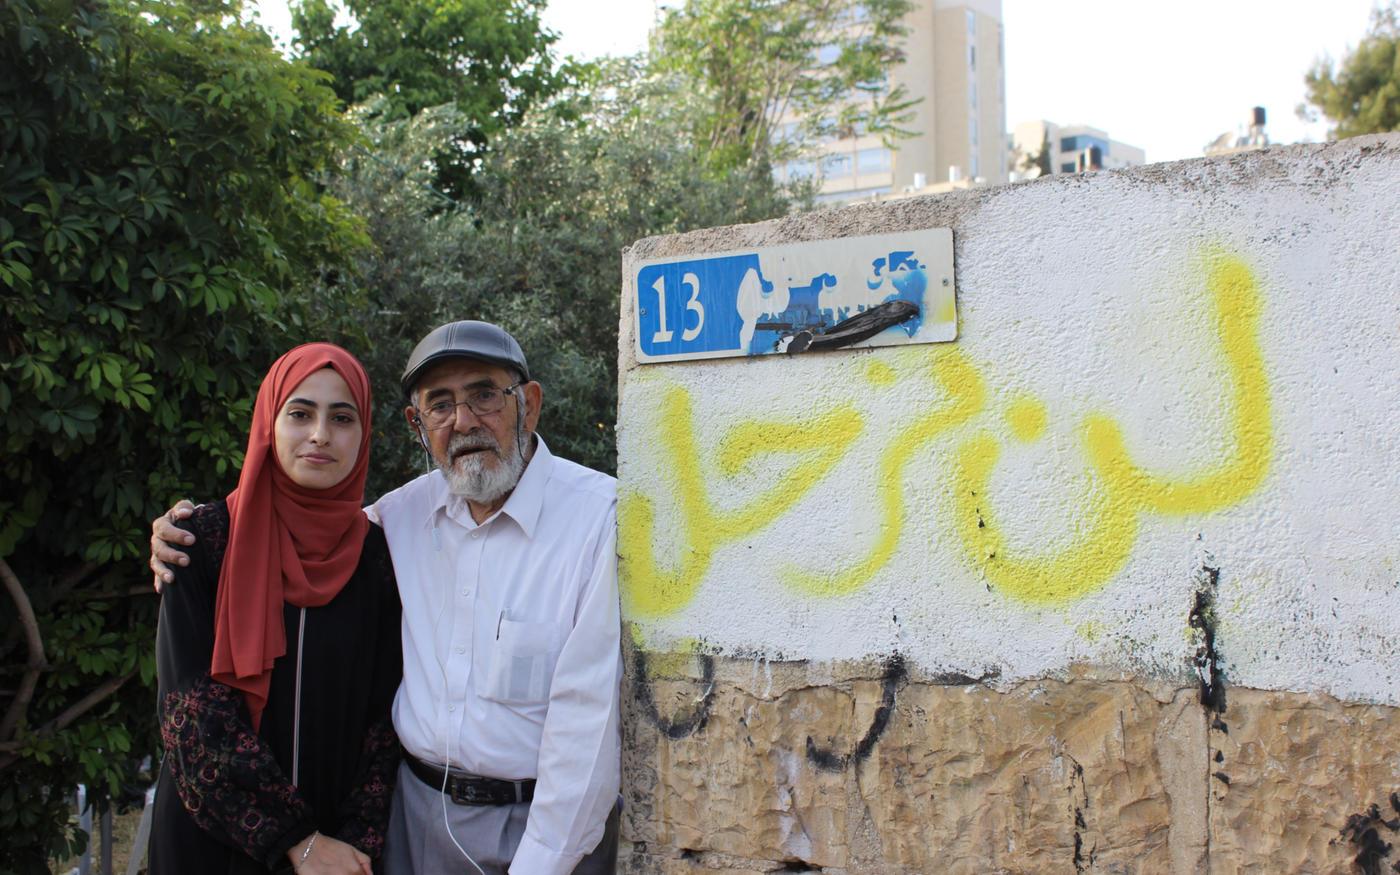 Muna et son père Nabil se tiennentcontre un mur sur lequel «Nous ne partirons pas» est tagué en arabe (MEE/Aseel al-Jundi)